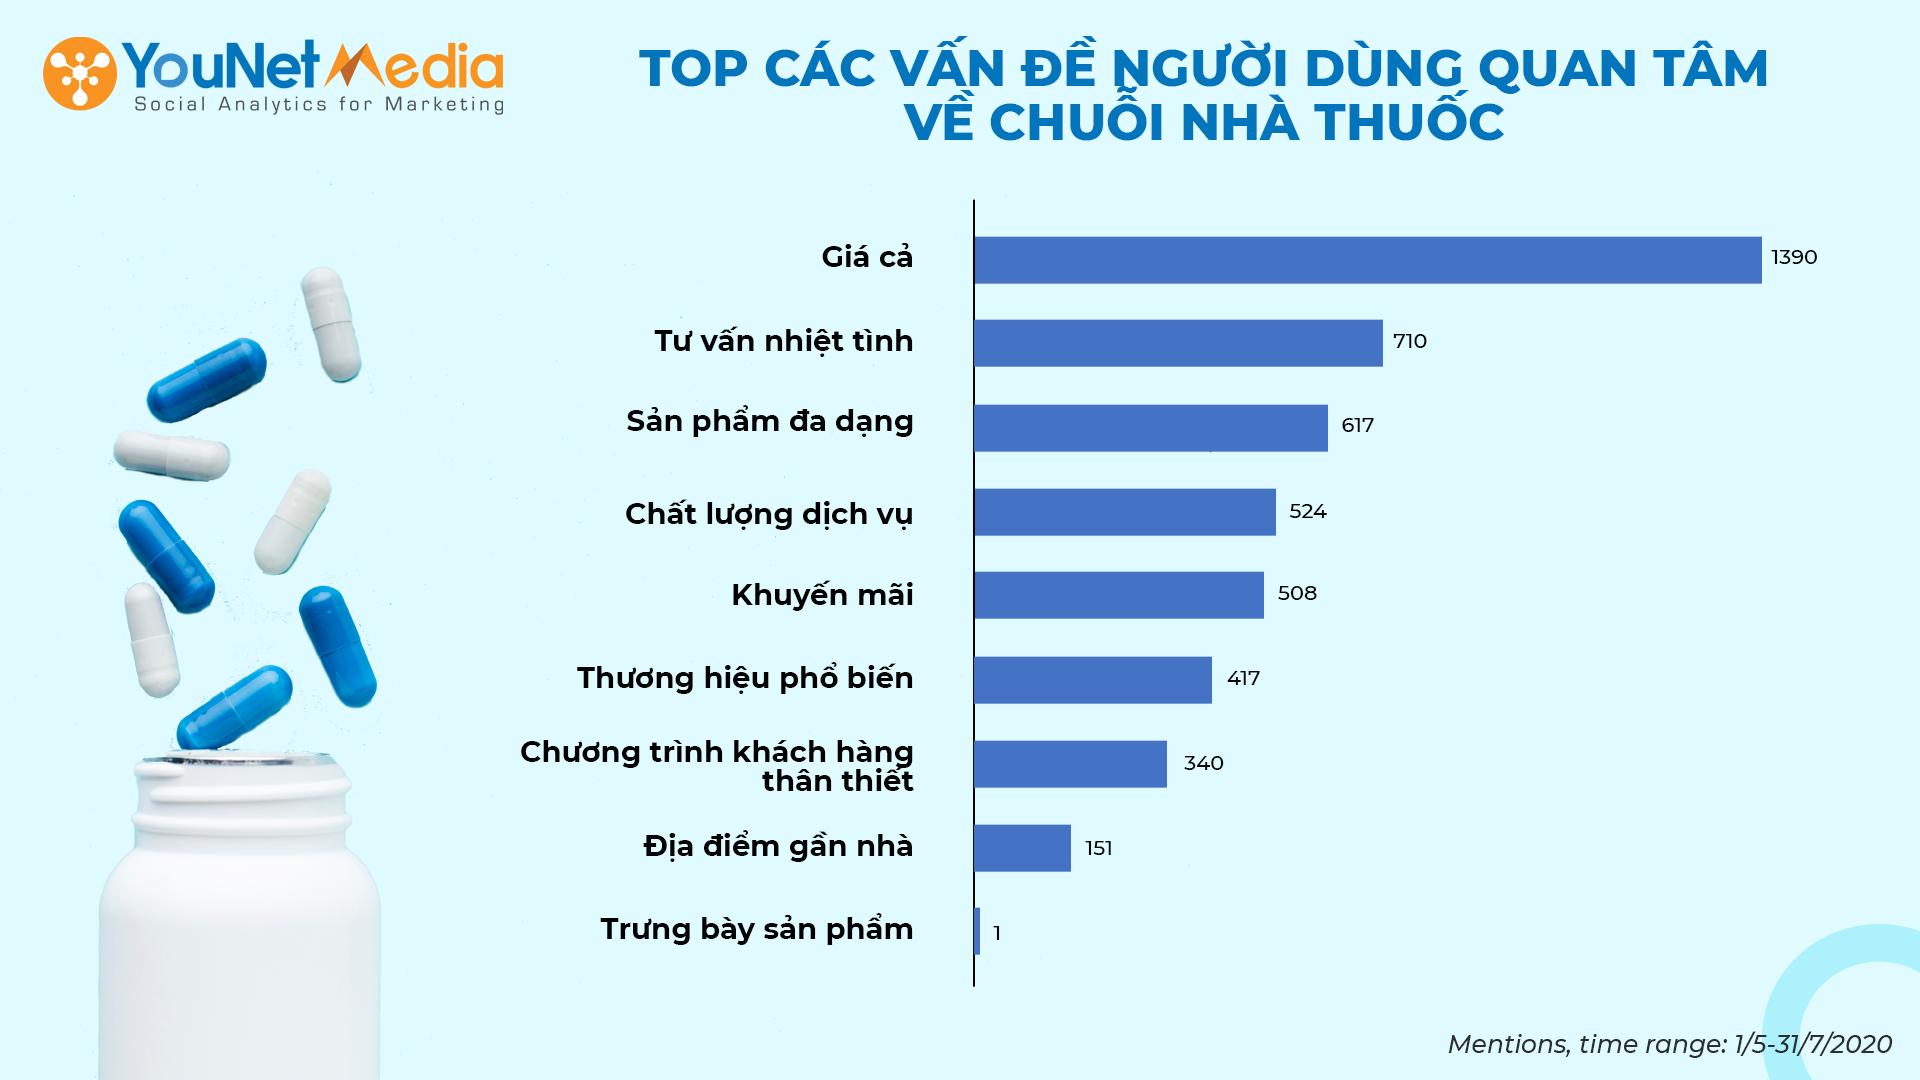 Thị trường nhà thuốc Việt: Người dùng quan tâm giá cả, ít chú ý tới địa điểm thuận lợi - Ảnh 2.